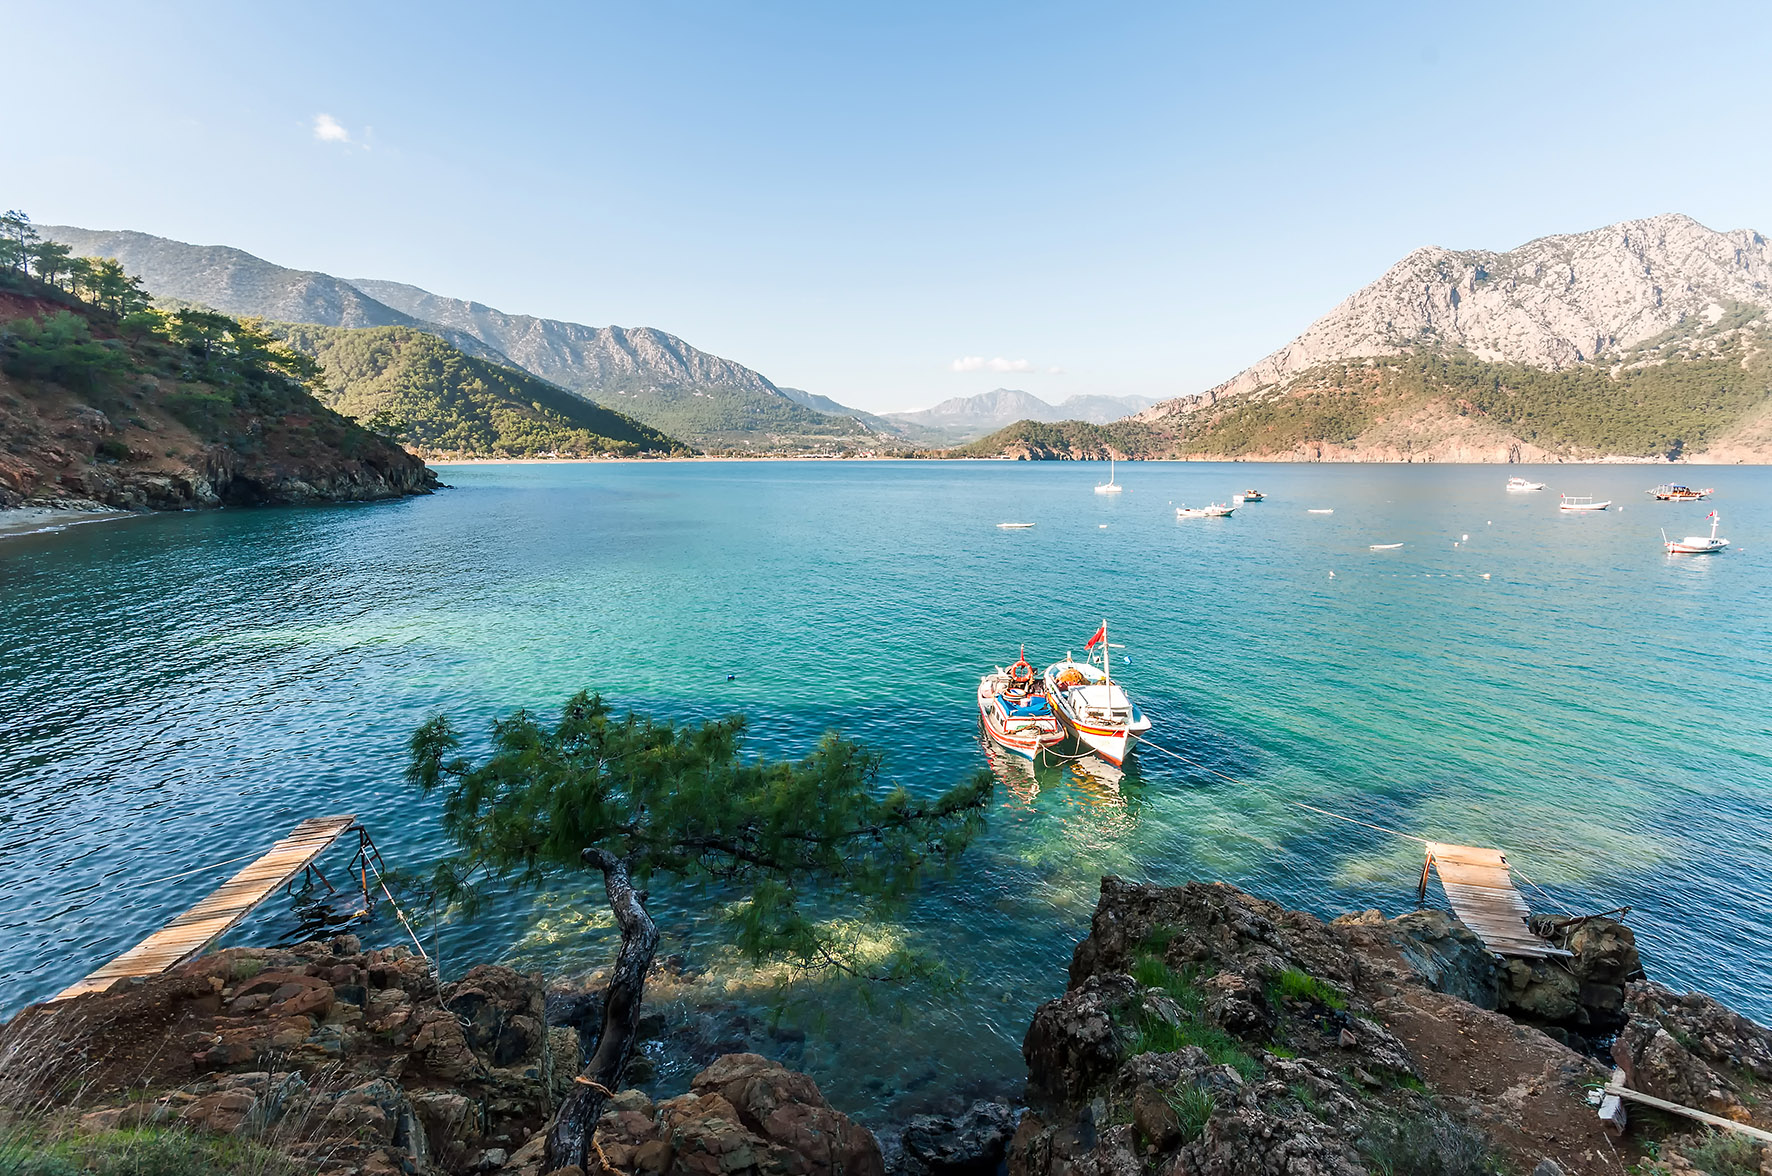 Op deze foto zie je een prachtige zee bij Adrasan, Antalya